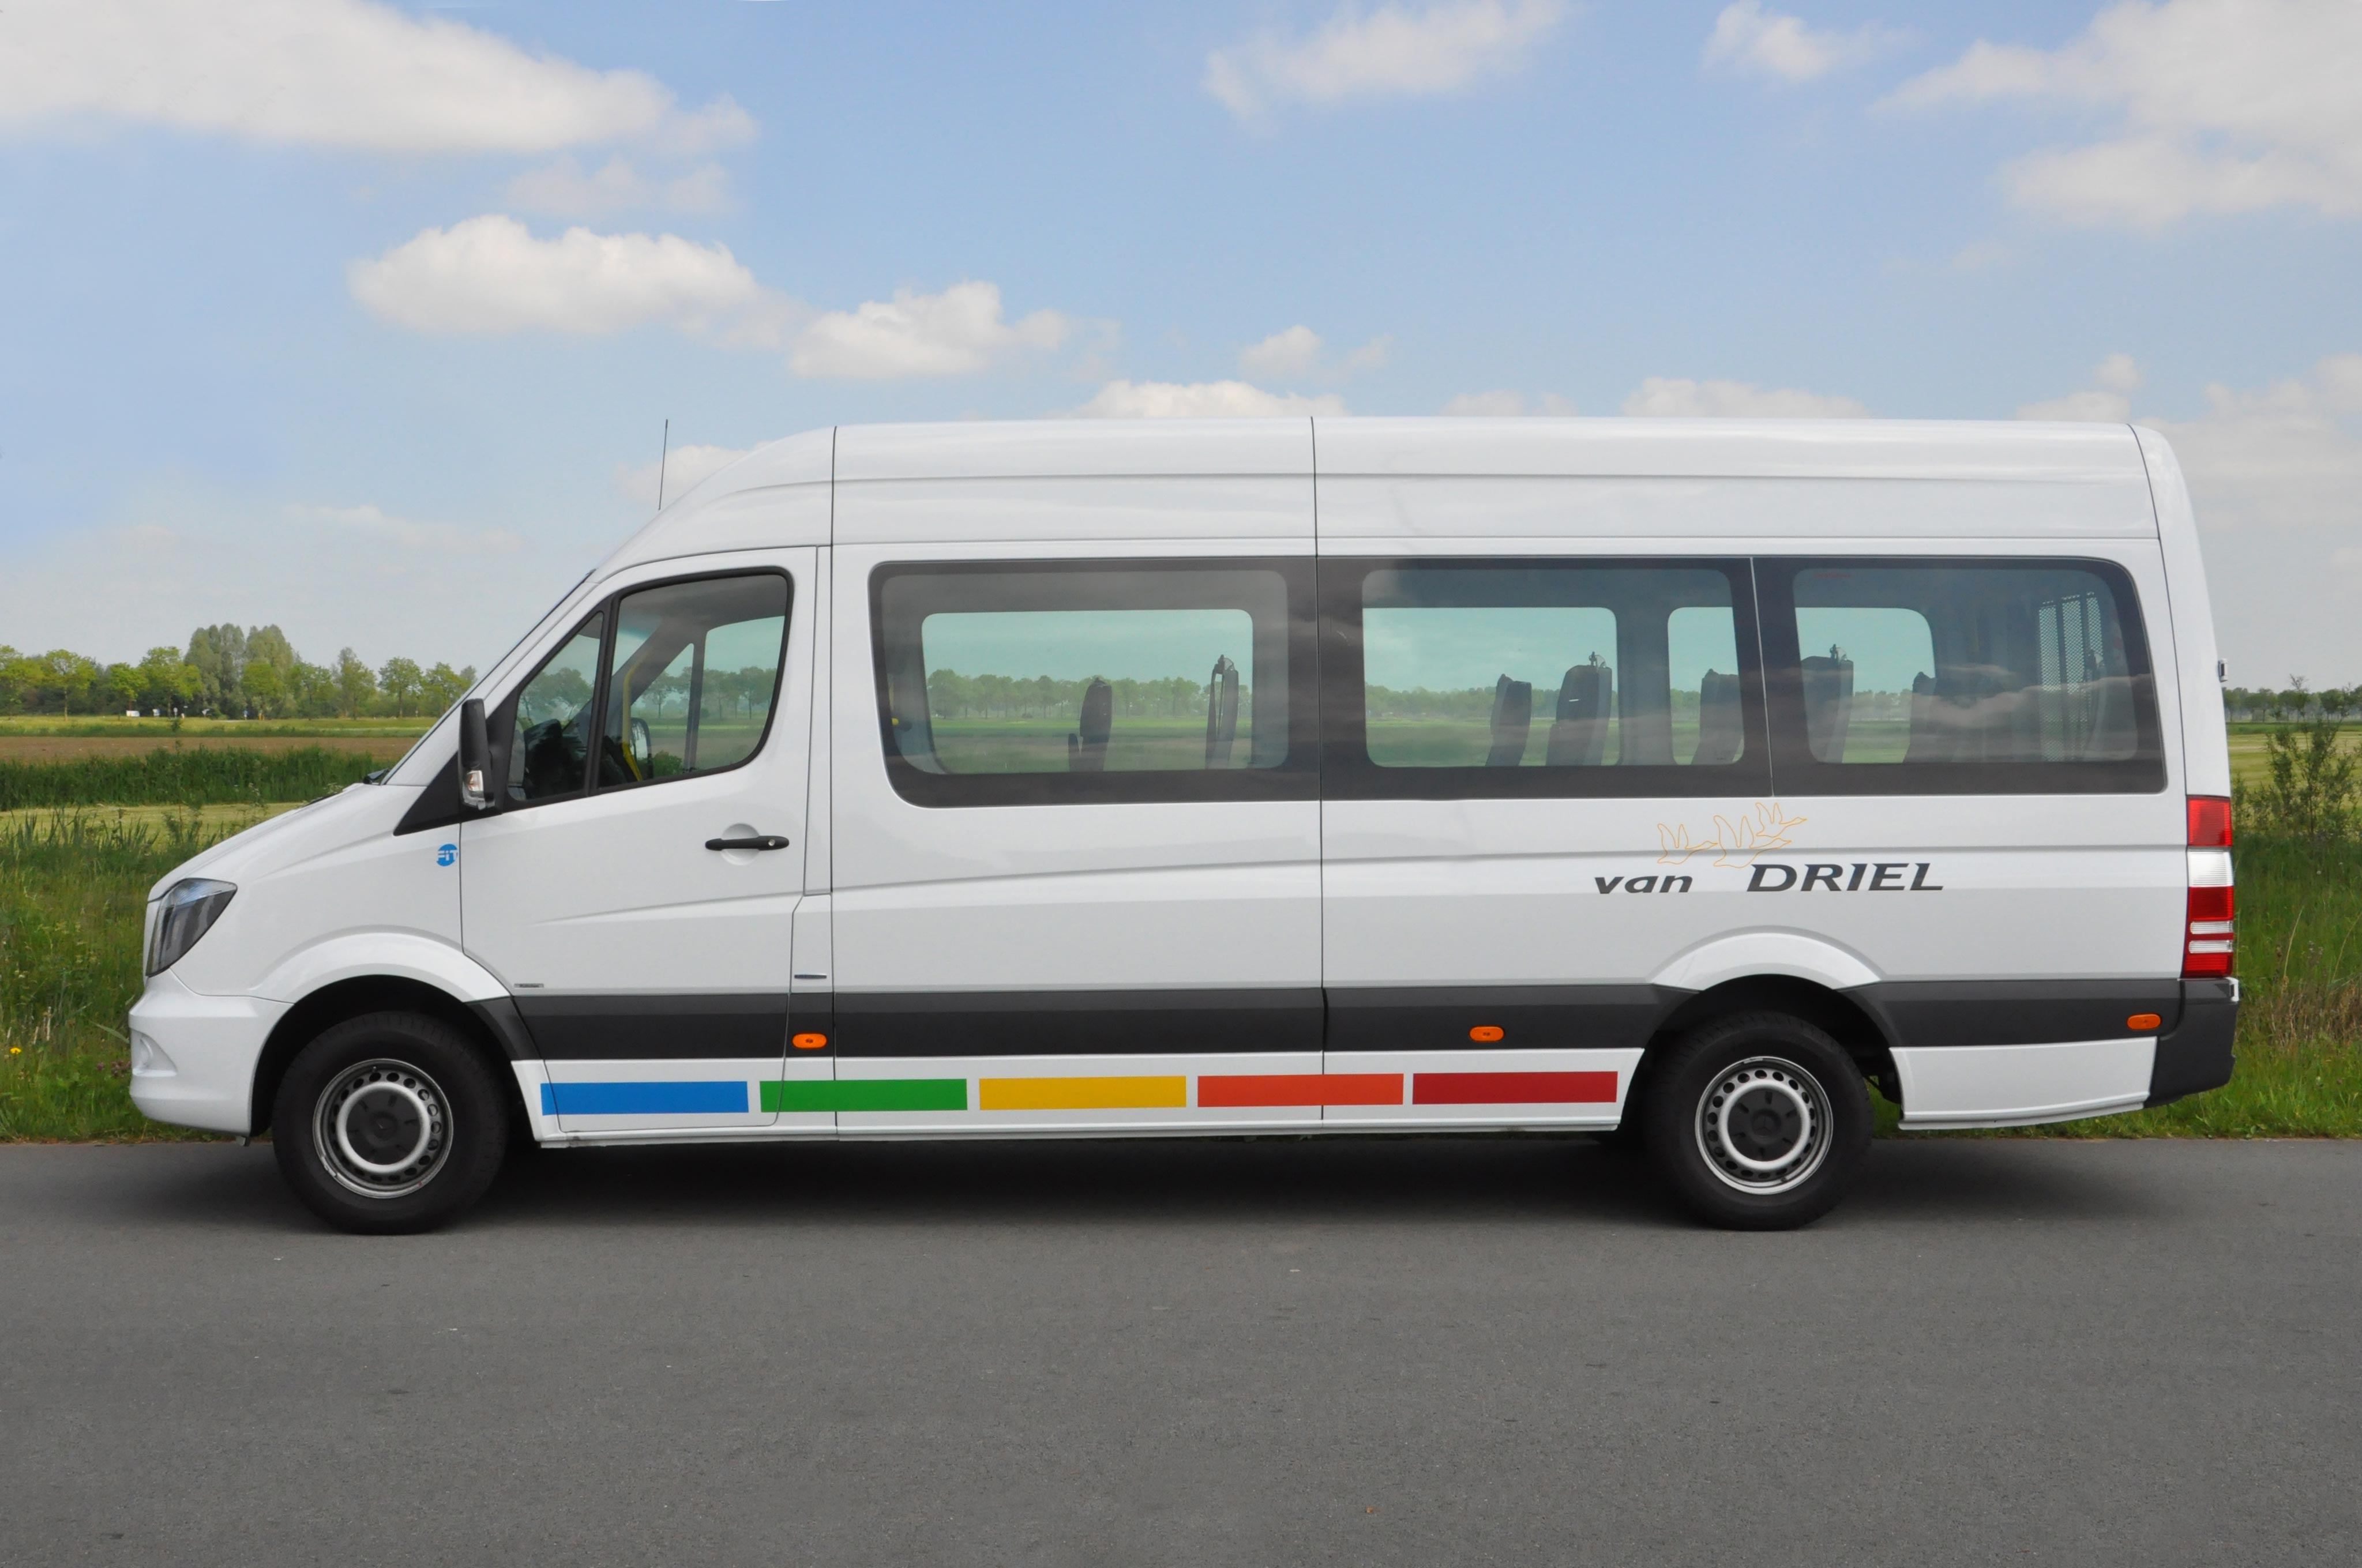 van-driel-rolstoelbus-mercedes-zijkant